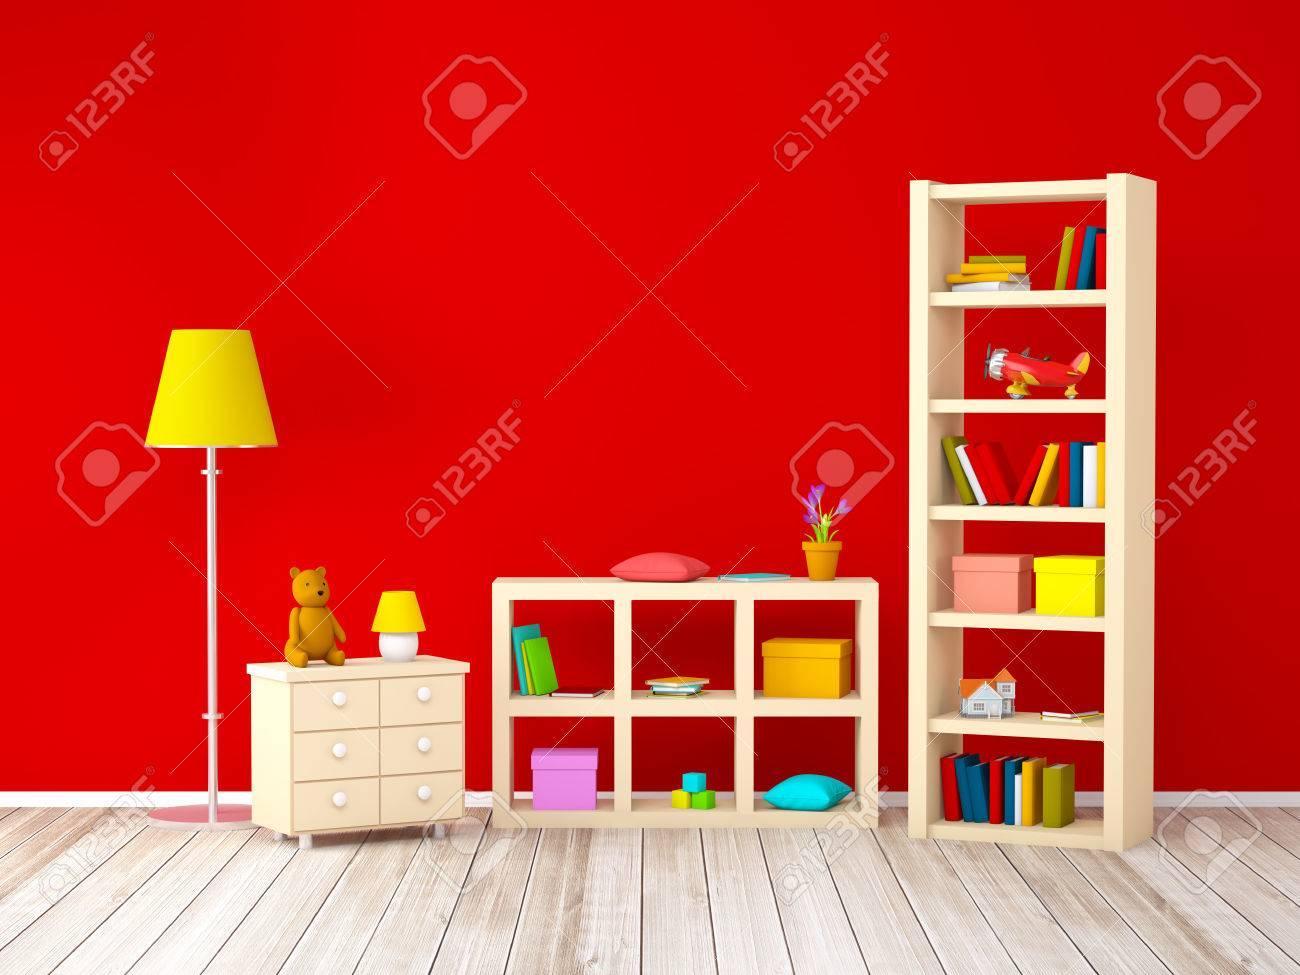 Full Size of Mit Bcherregalen Spielzeug Auf Roten Wand Regal Regale Sofa Weiß Kinderzimmer Kinderzimmer Bücherregal